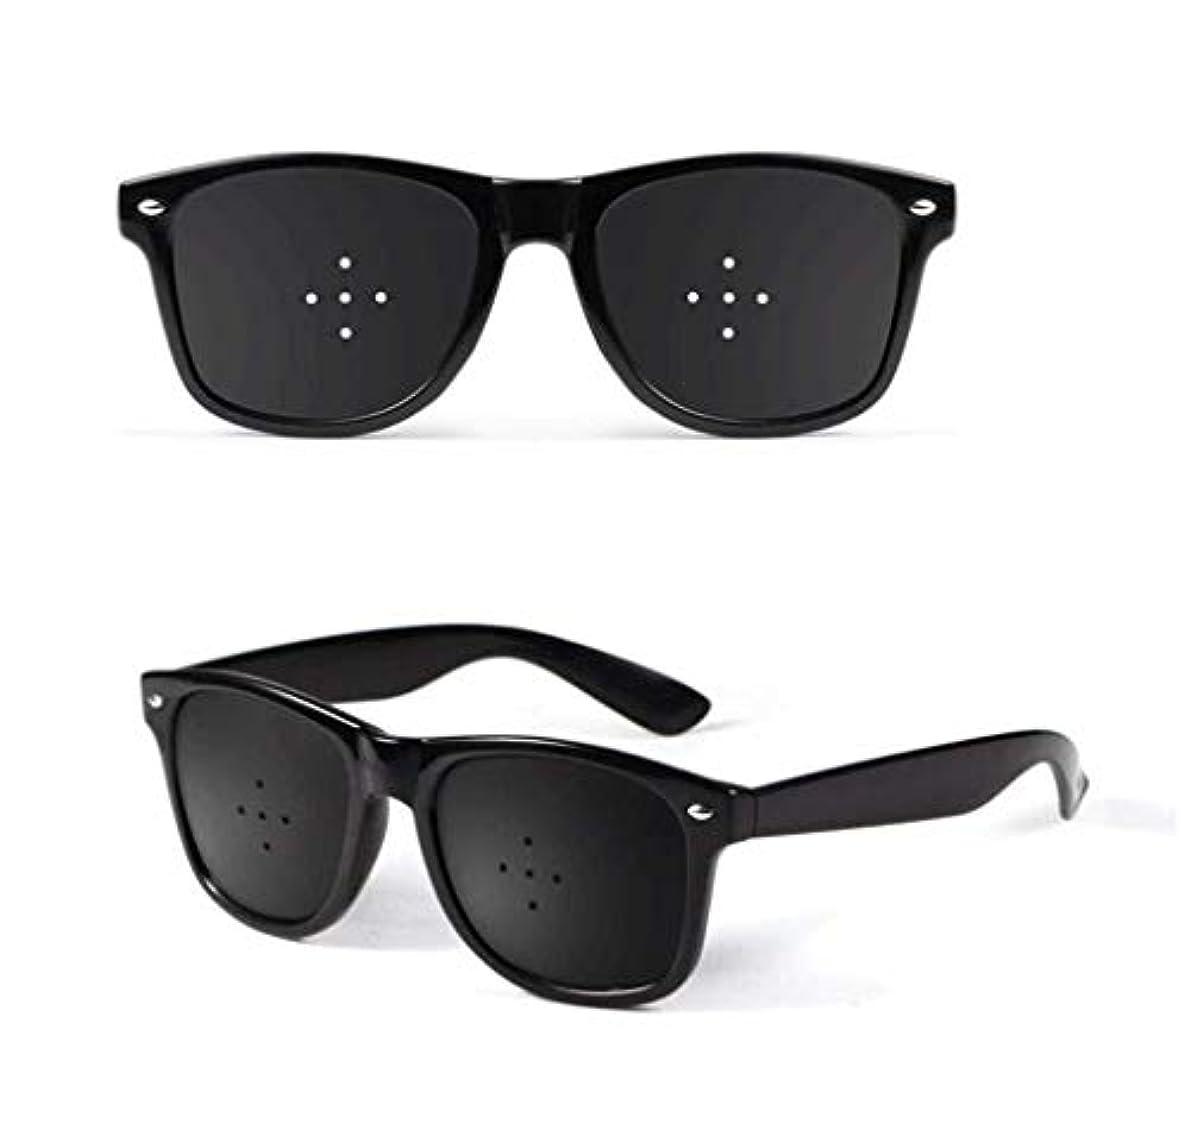 大声で取り扱いチャートユニセックス視力ビジョンケアビジョンピンホールメガネアイズエクササイズファッションナチュラル (Color : 黒)